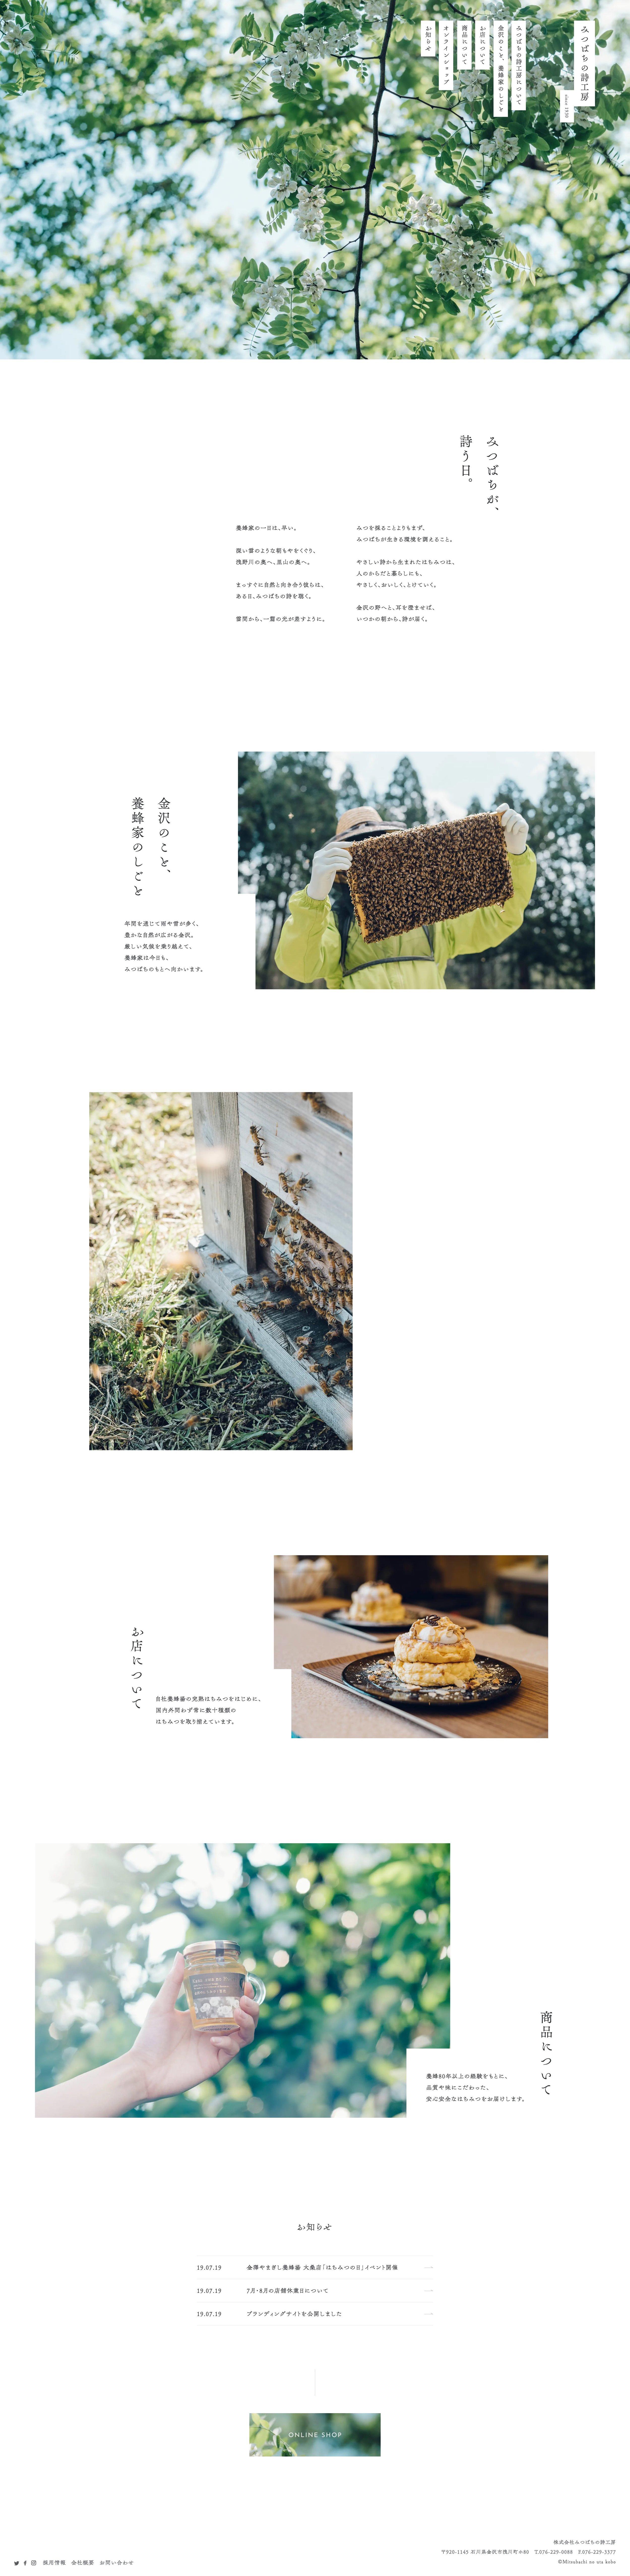 screencapture-kanazawa8383-jp-2019-08-07-16_29_52.jpg